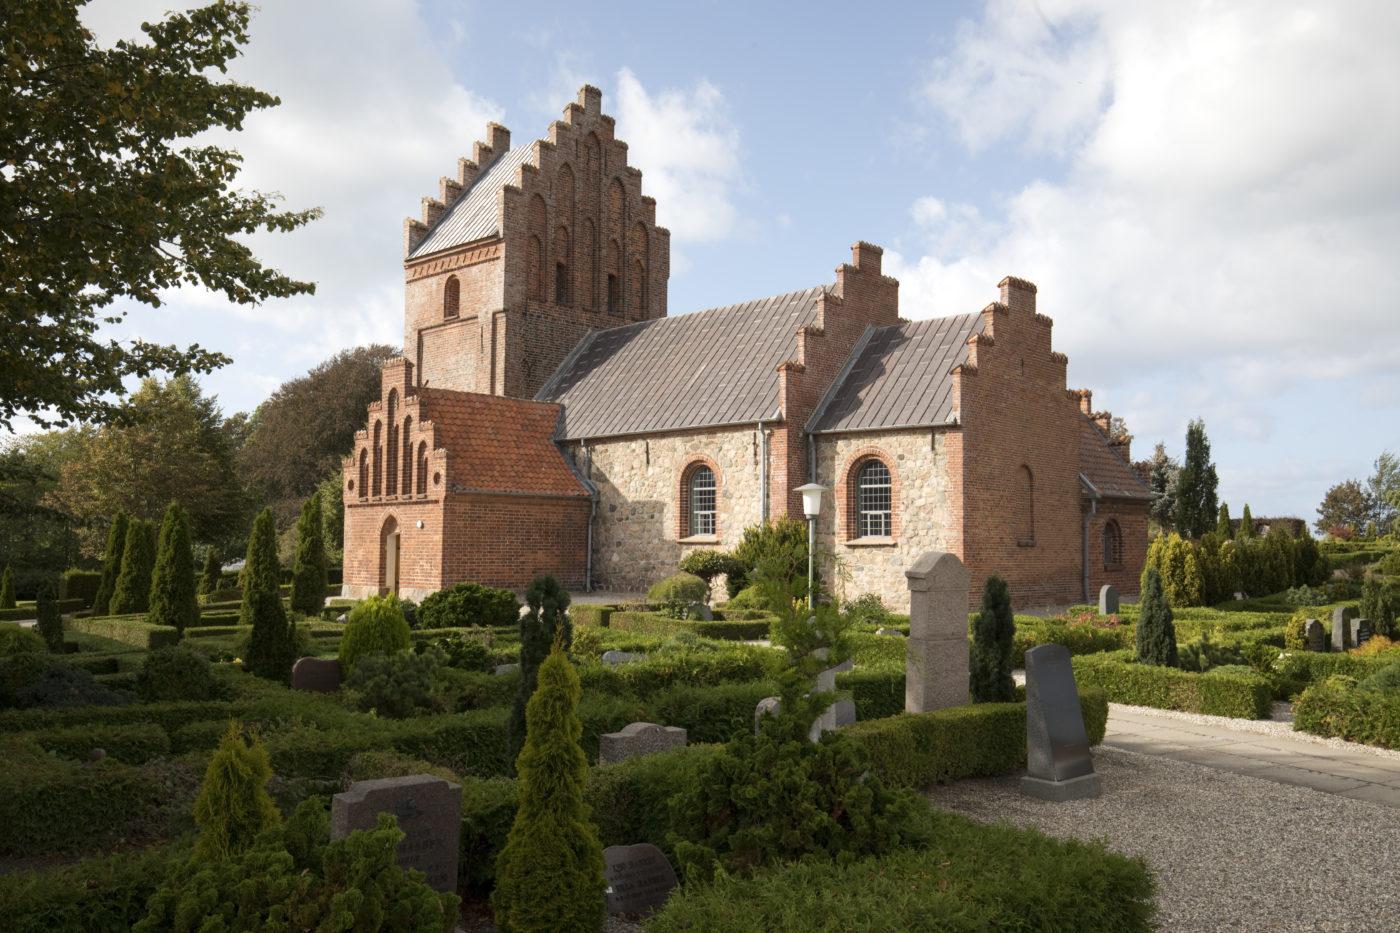 Blistrup Kirke eksteriør kirkegård